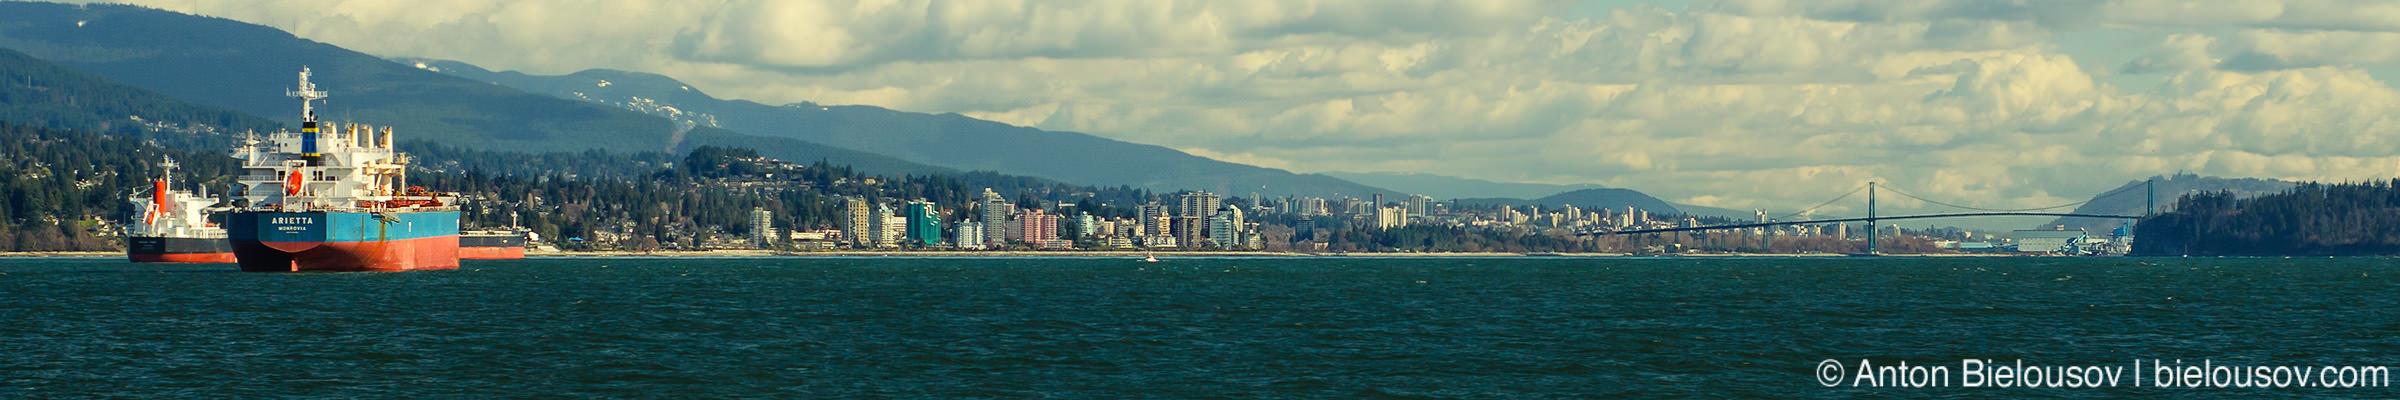 Панорама Северного Ванкувера и моста Львиные ворота (Lions Gate Bridge) с утеса в Lighthouse Park